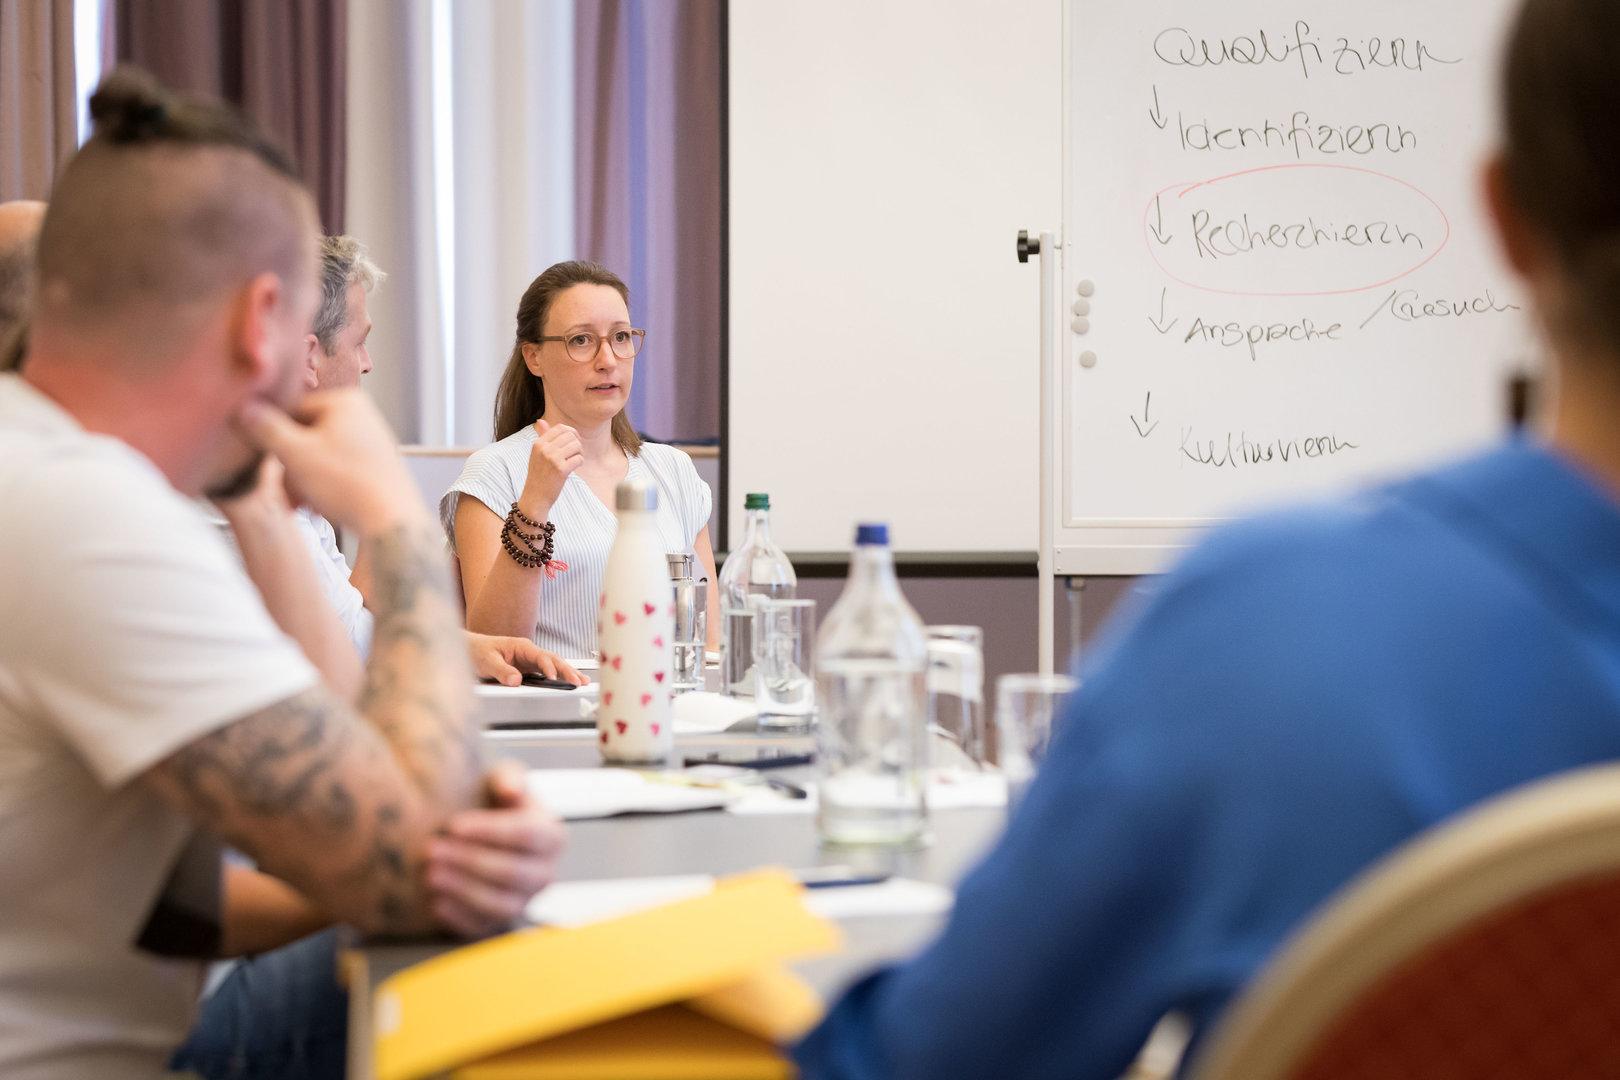 In ihrem Workshop gibt Lilian Weber Tipps zu Fundraising und erklärt, wie Stiftungen funktionieren.